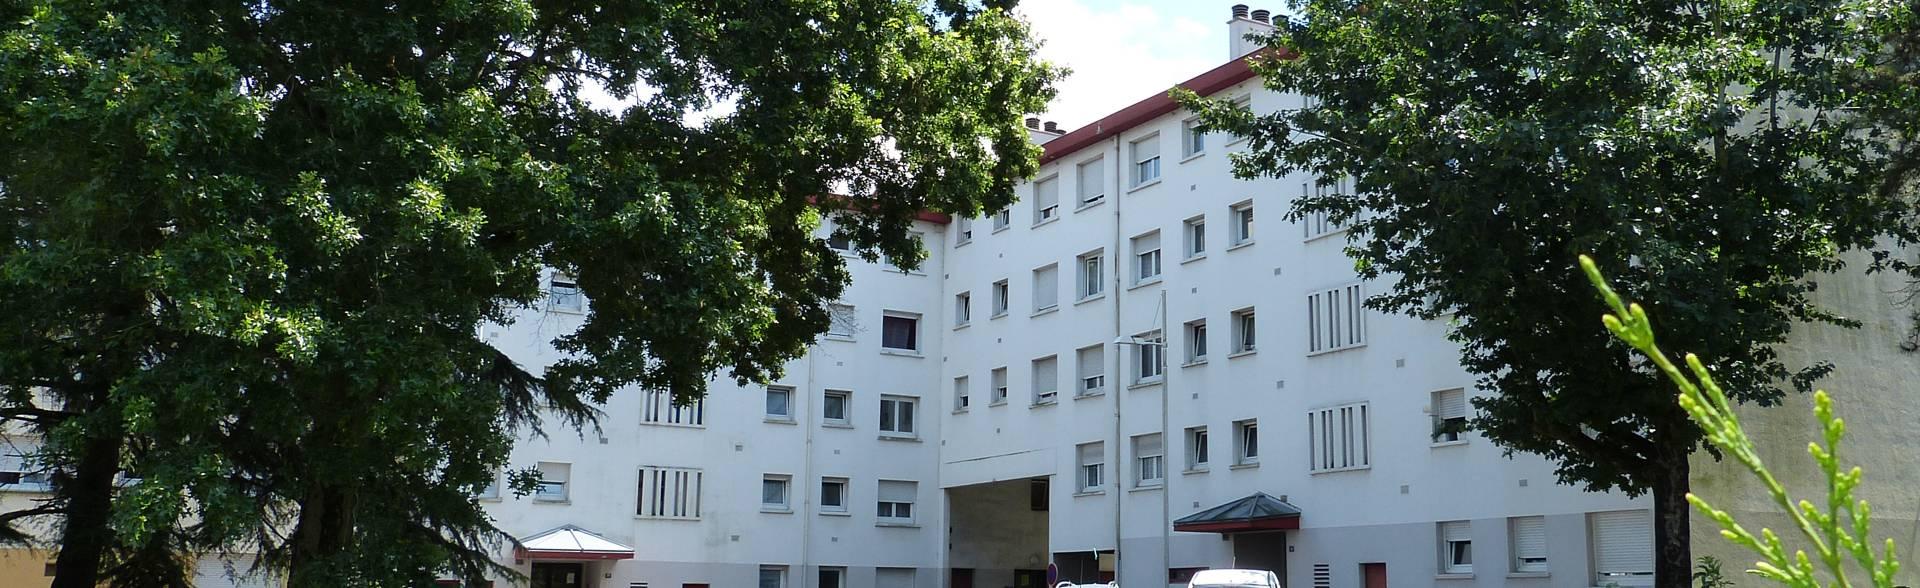 Projet de réhabilitation Balichon à Bayonne